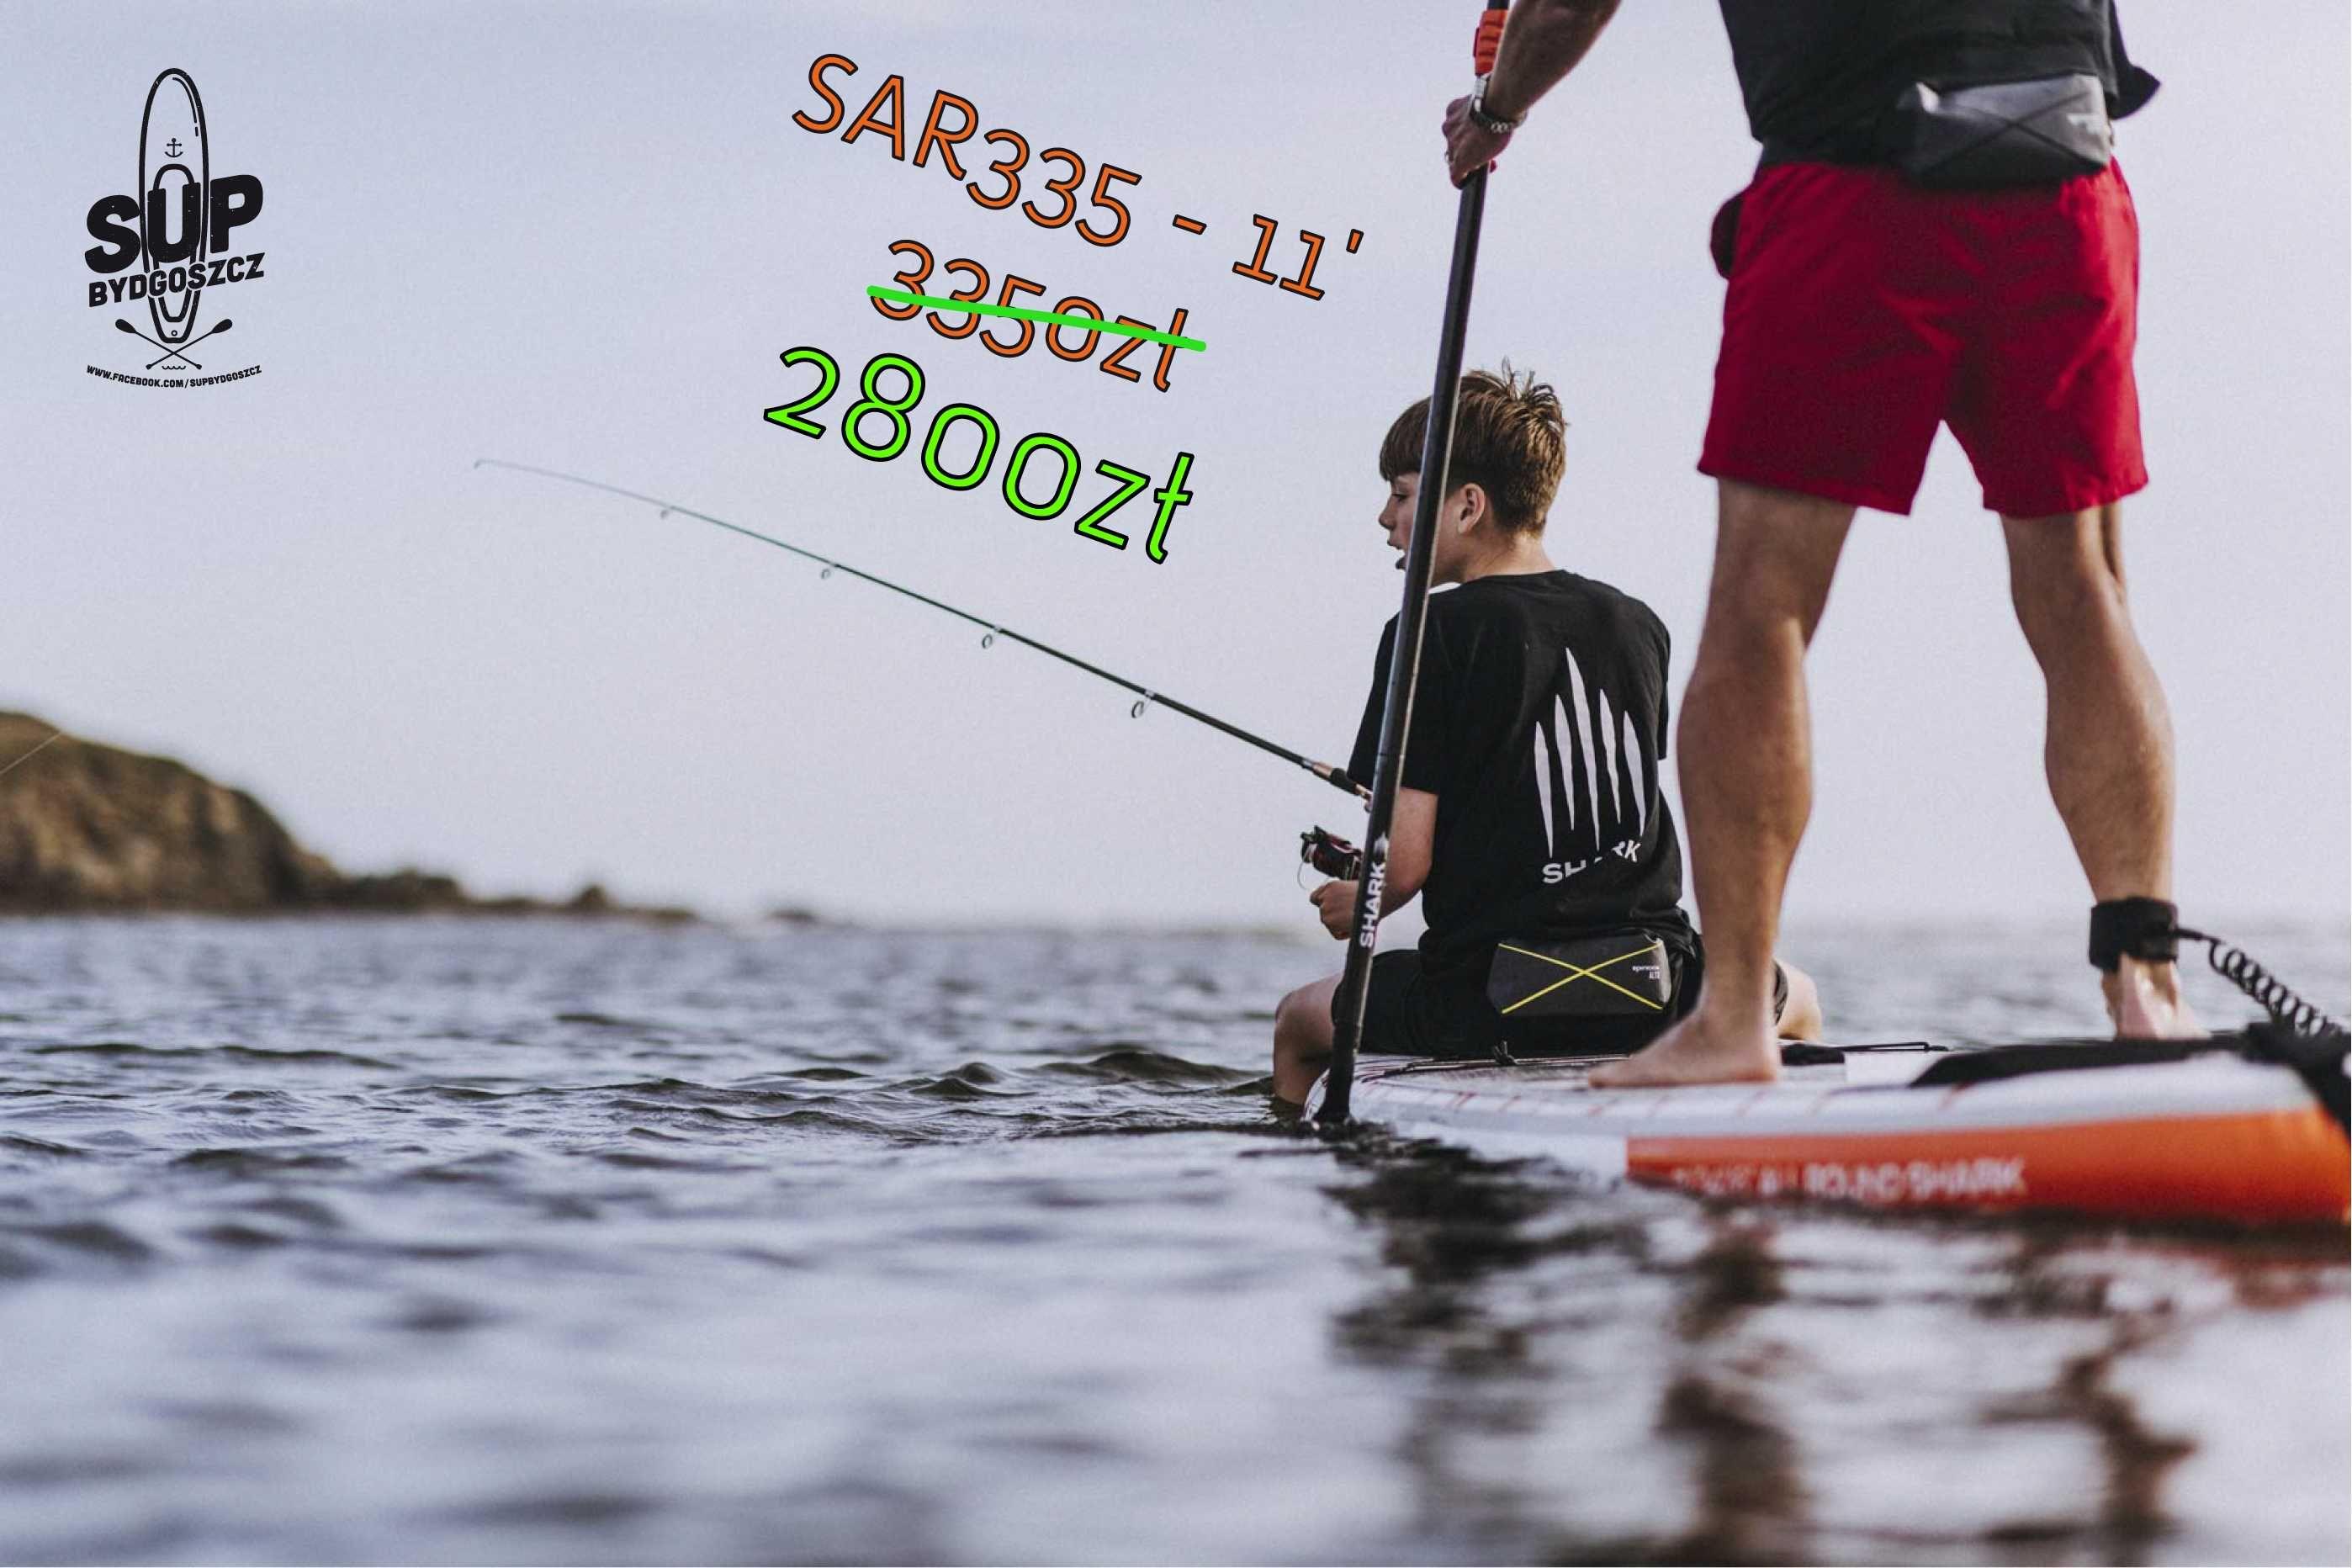 PROMOCJA - Deska SUP Shark SUP Allround 11' [SAR-335]